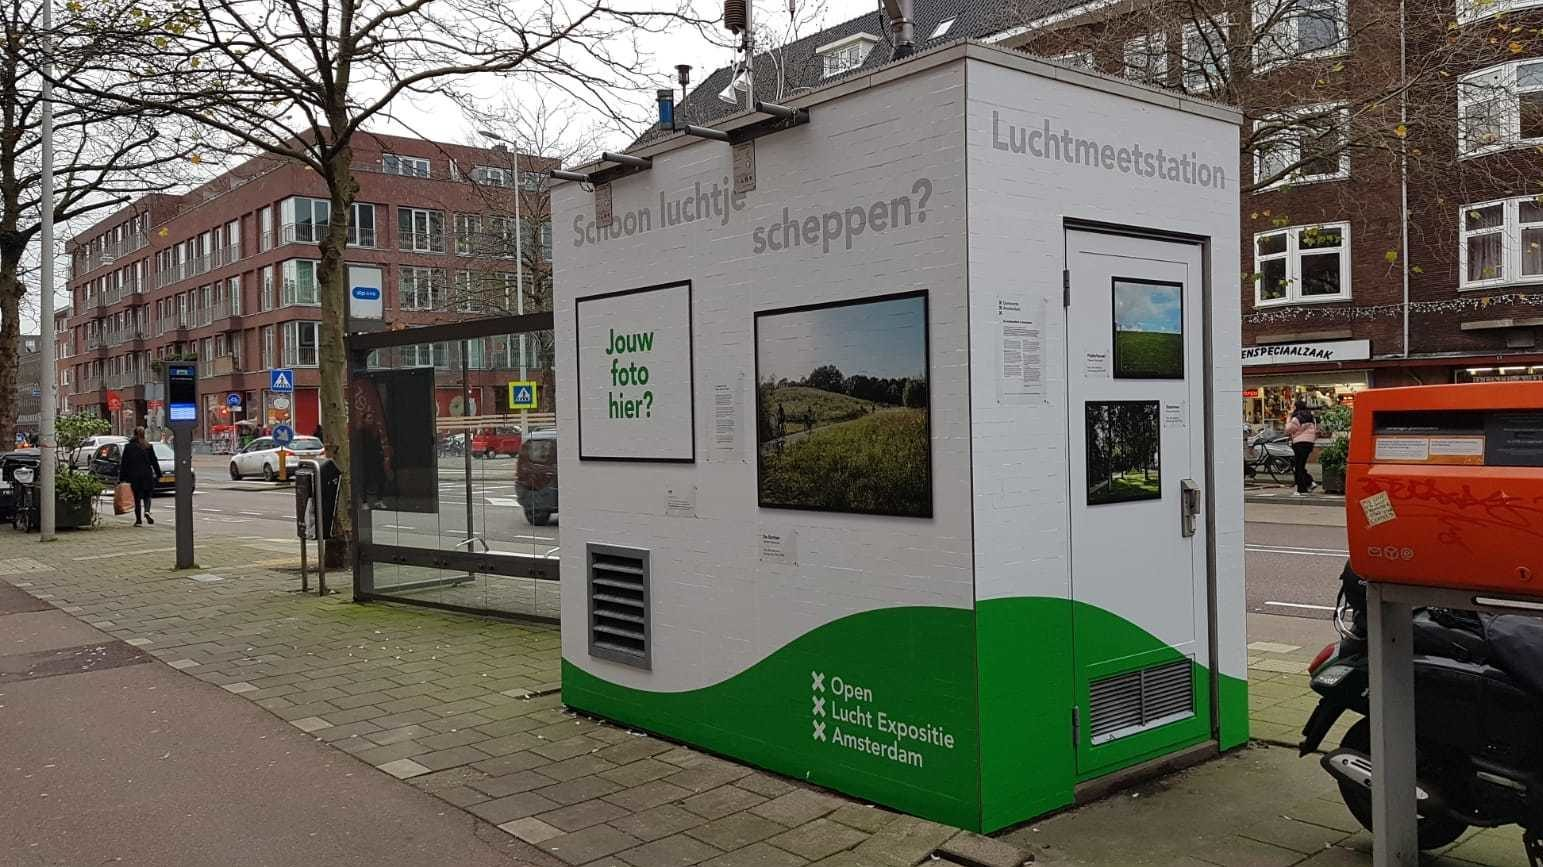 Witte kleine container met deur. Beplakt met landschapfoto's voor Open Lucht Expositie en tekst 'Schoon Luchtje Scheppen?'